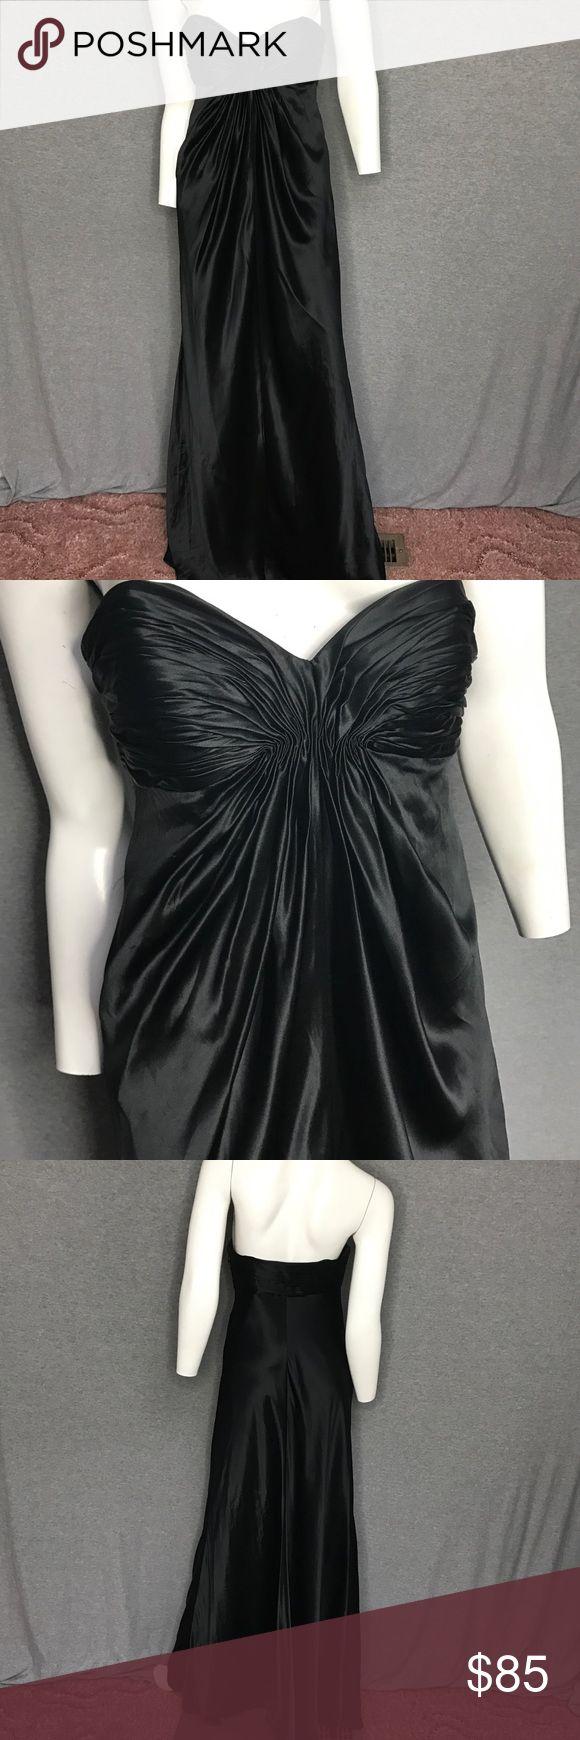 LAUNDRY By Shelli Segal Sweet Heart Dress Size: 2 LAUNDRY By Shelli Segal Sweet Heart Dress Size: 2 Laundry By Shelli Segal Dresses Strapless